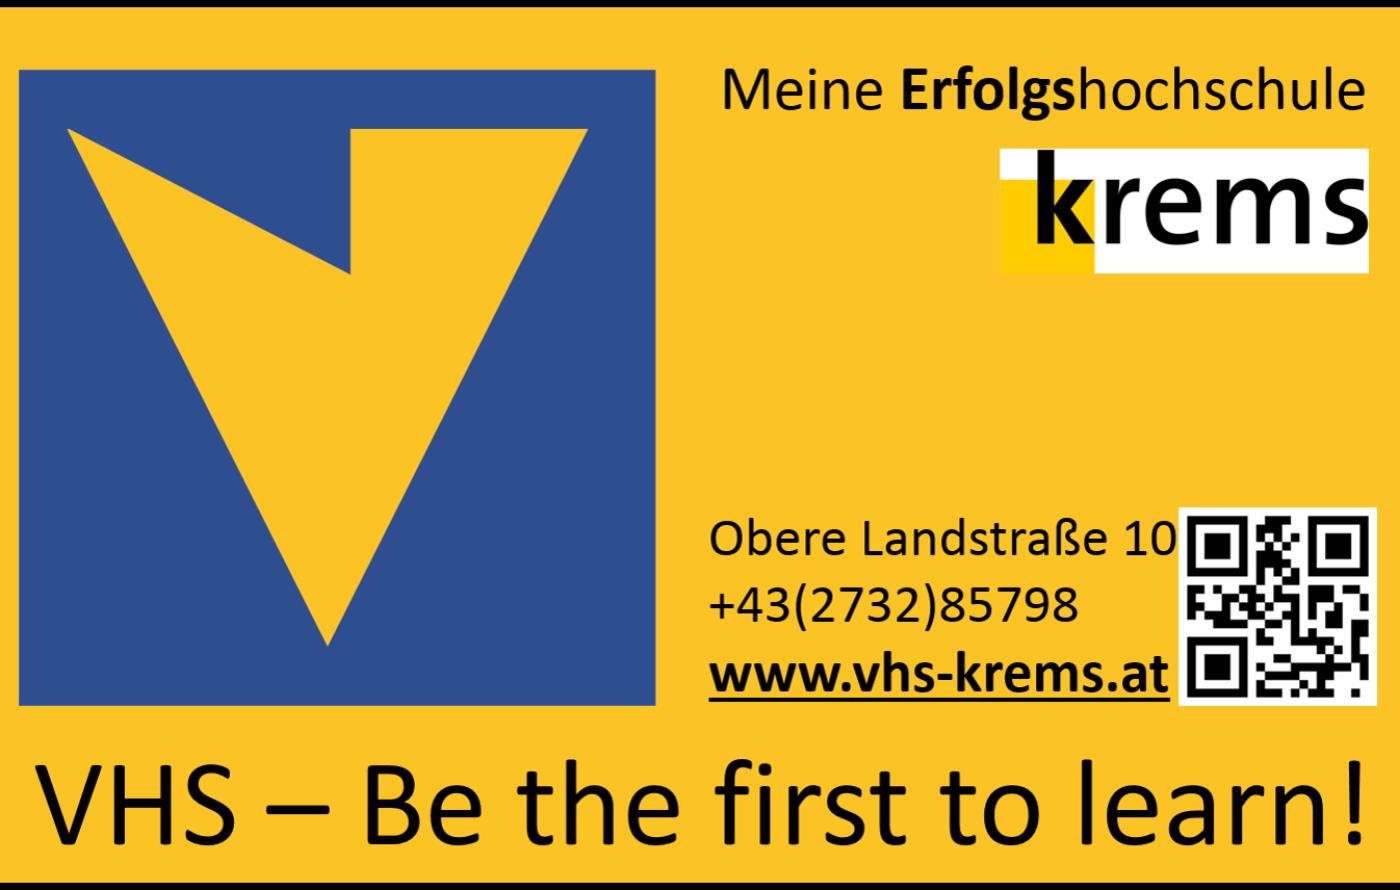 Energie Fuhrerschein Seminar Krems Die Umweltberatung